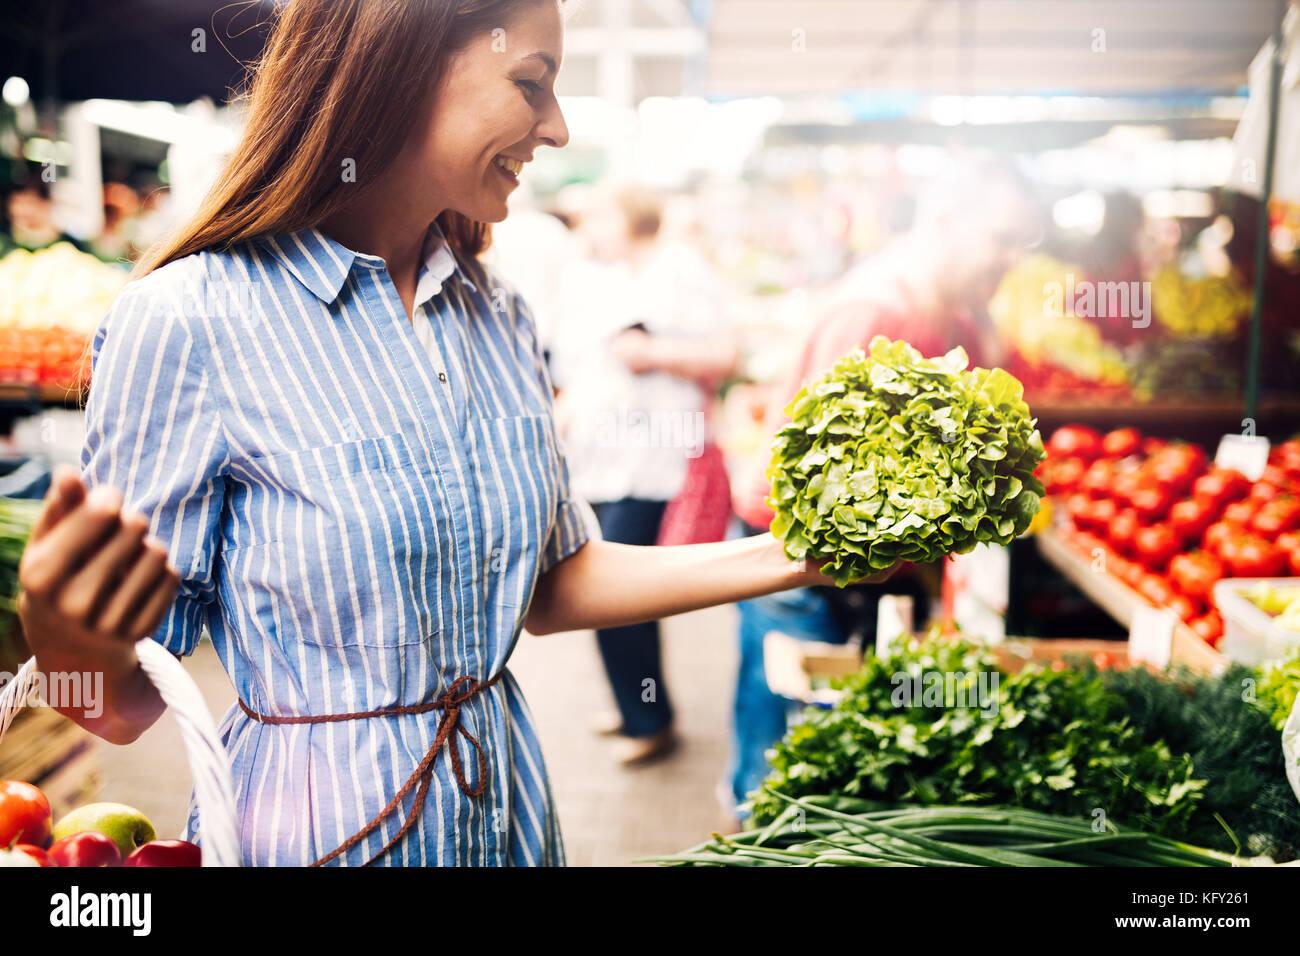 Photo de femme au marché acheter des légumes Photo Stock